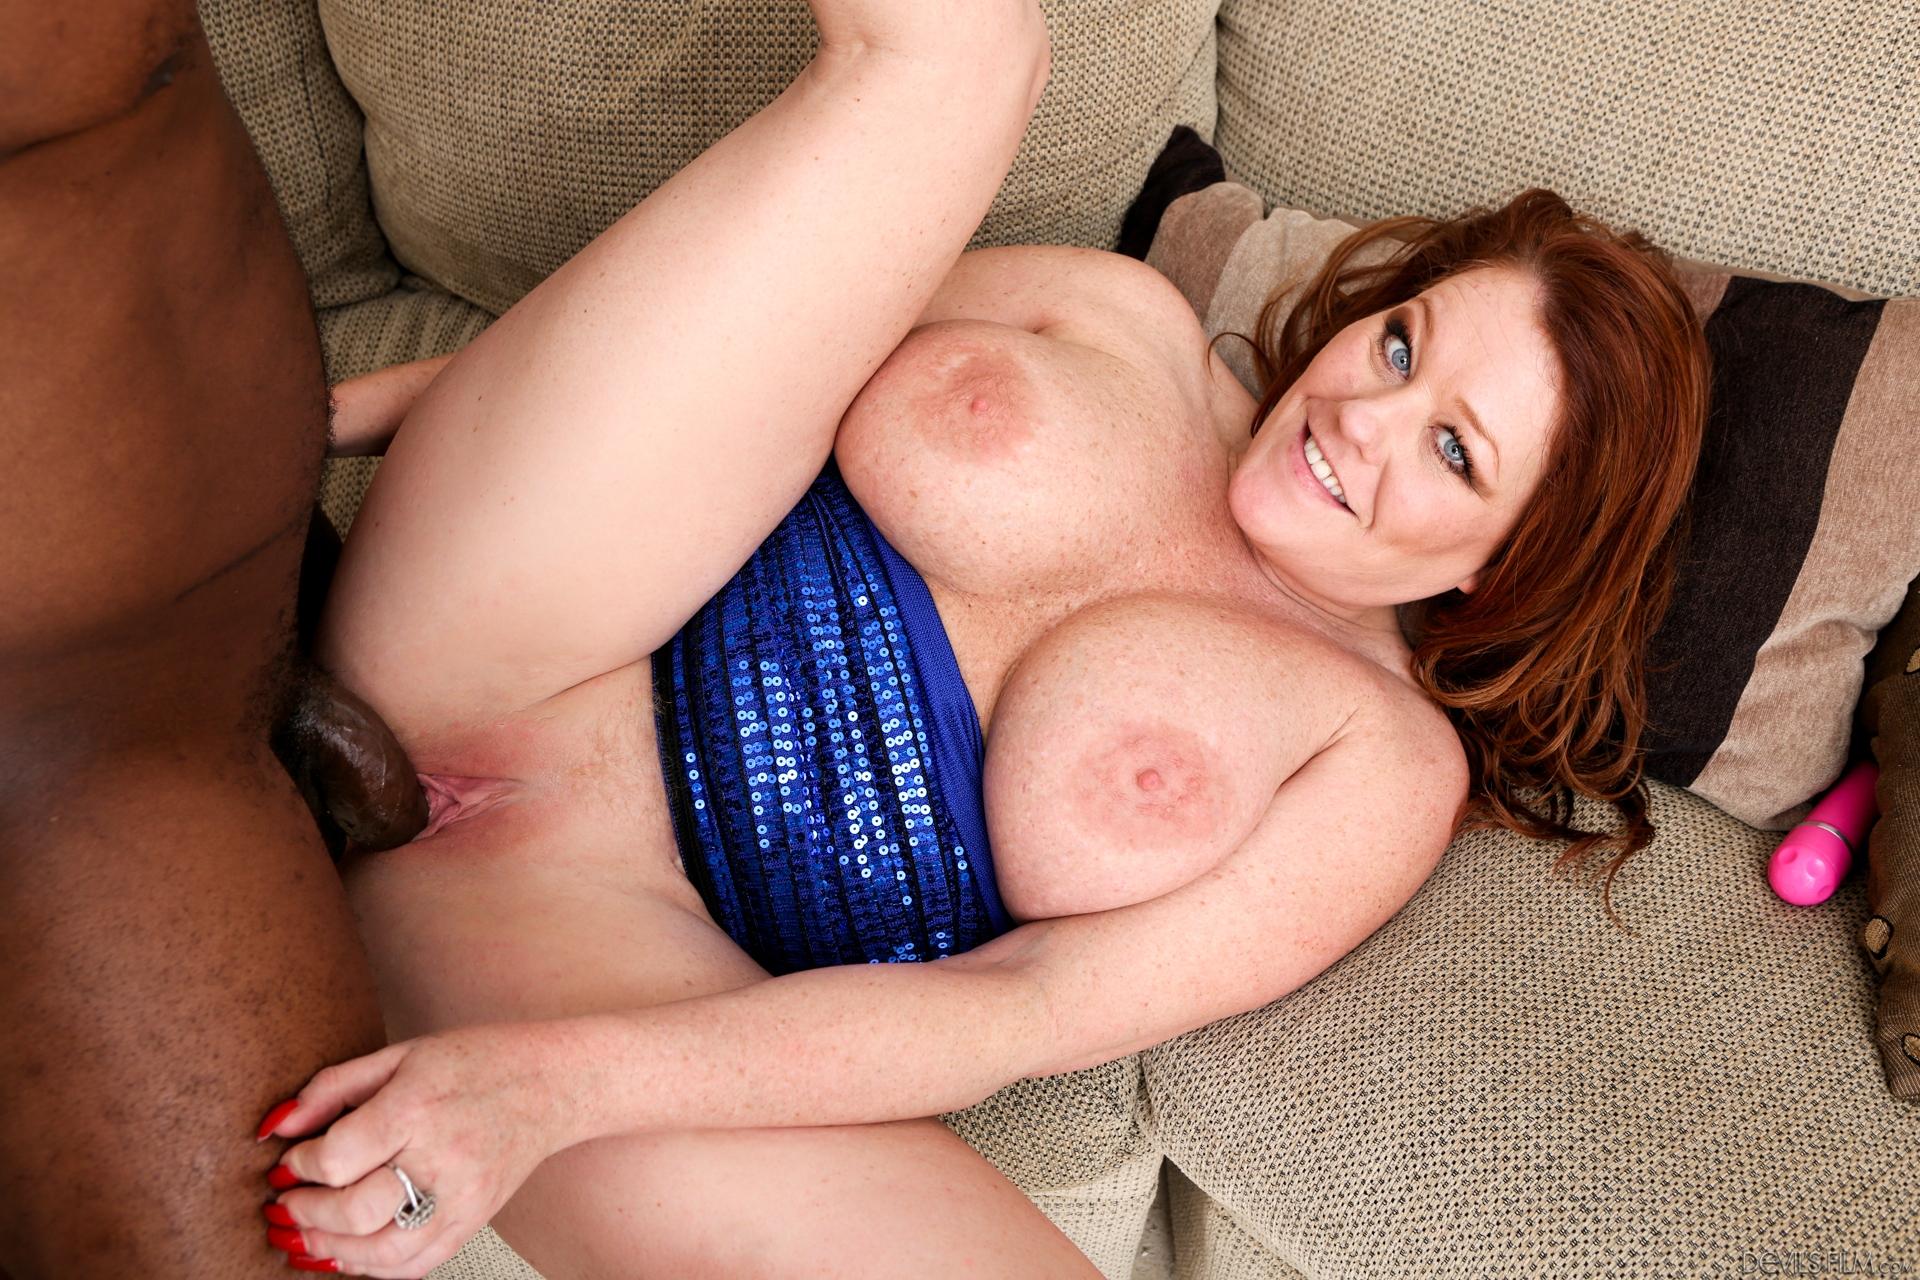 Толстушки в оргазме, Порно коллекция # Оргазмы толстушек # Популярные 10 фотография